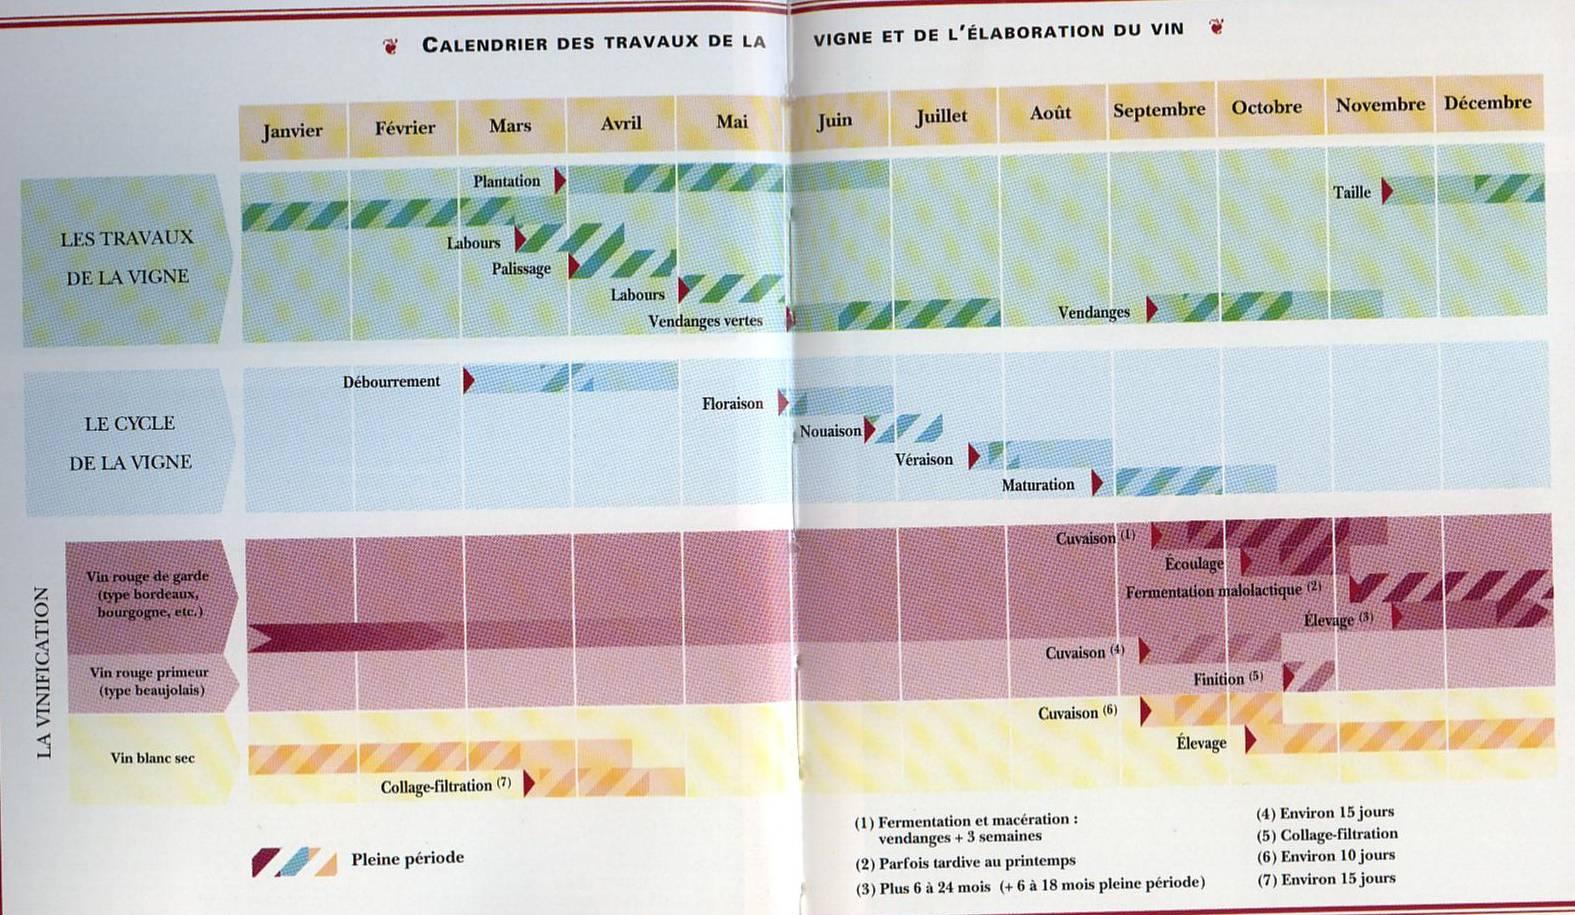 Travaux Vigne Calendrier.Cycle De La Vigne